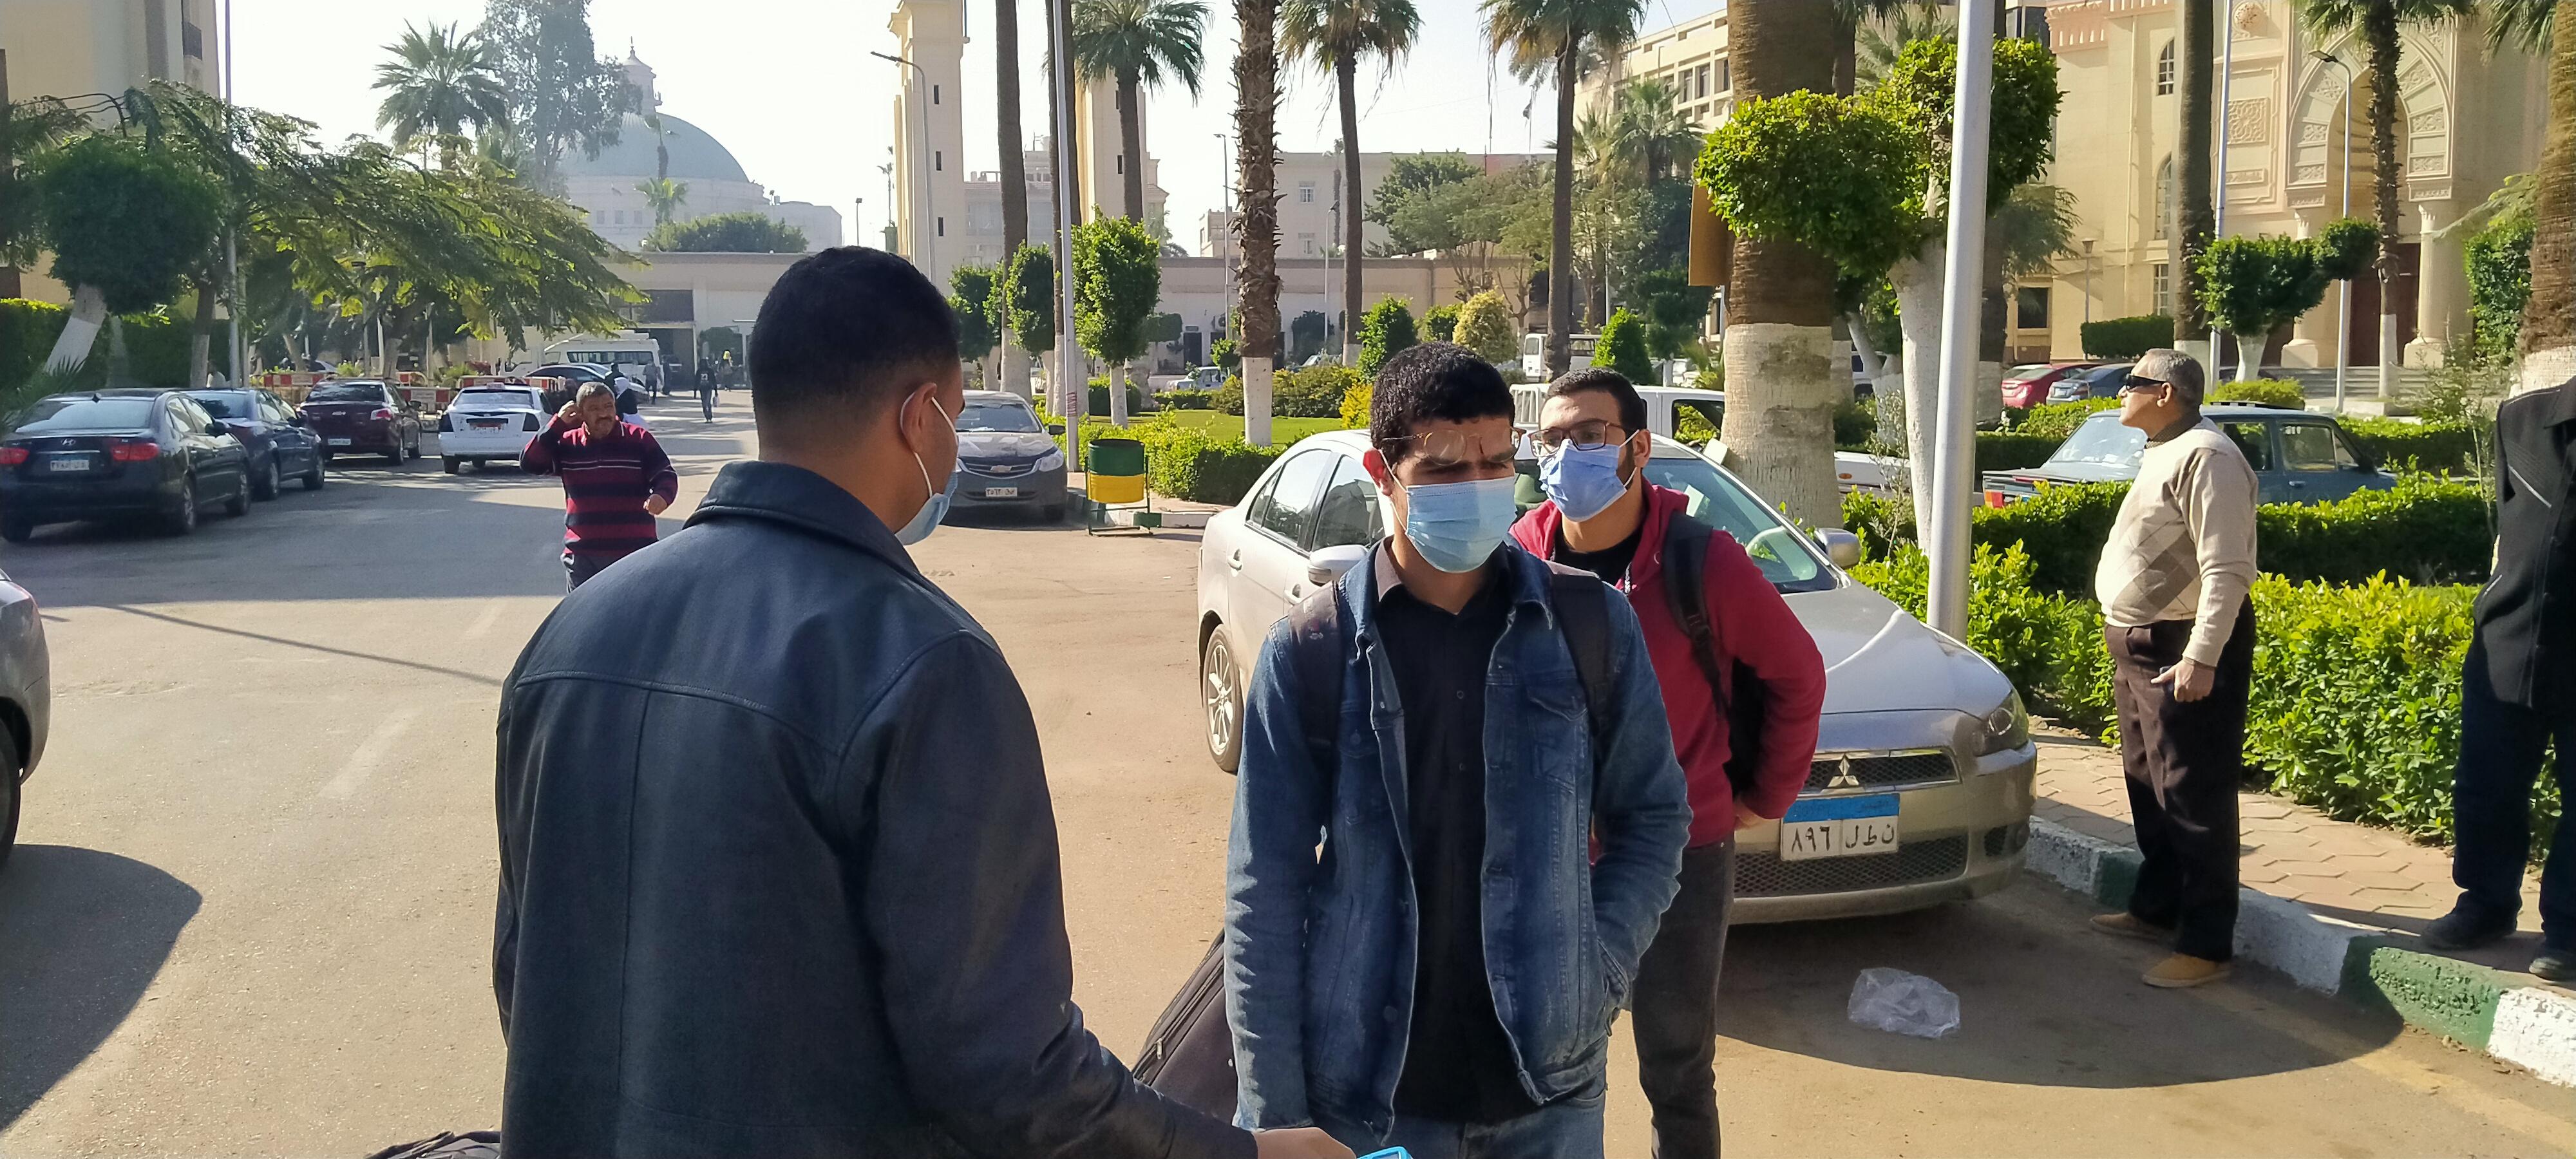 مدينة الطلبة بجامعة القاهرة